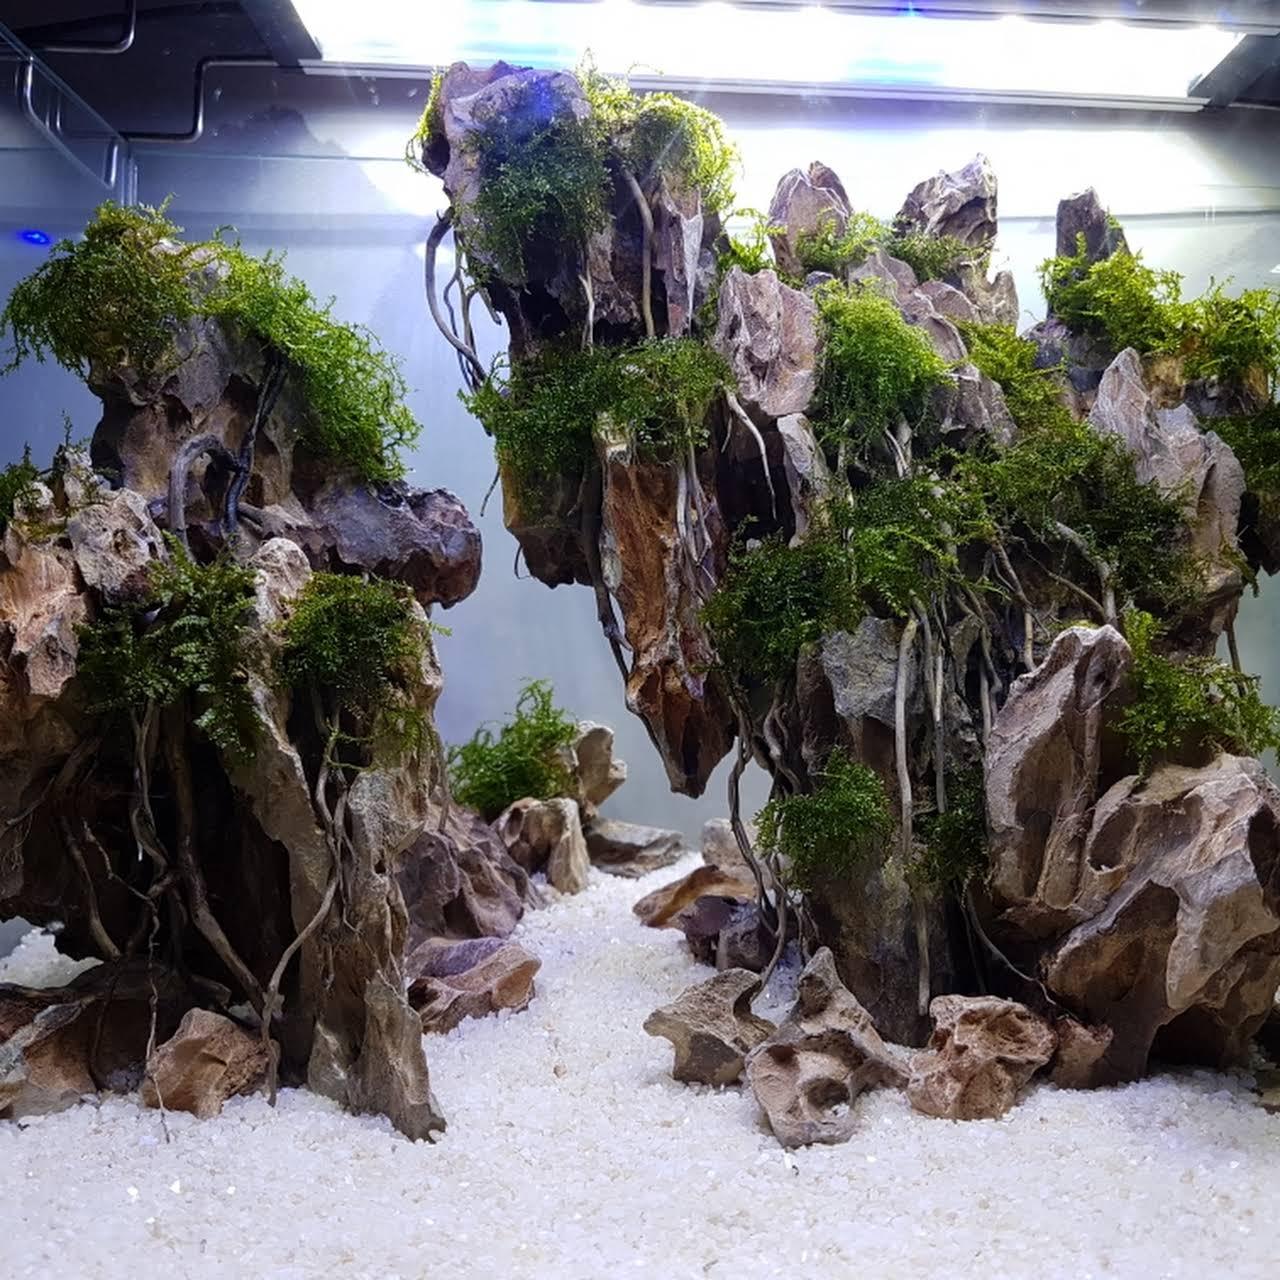 Aquatrend Ikan Hias Aquascape Malang Kedai Aquarium